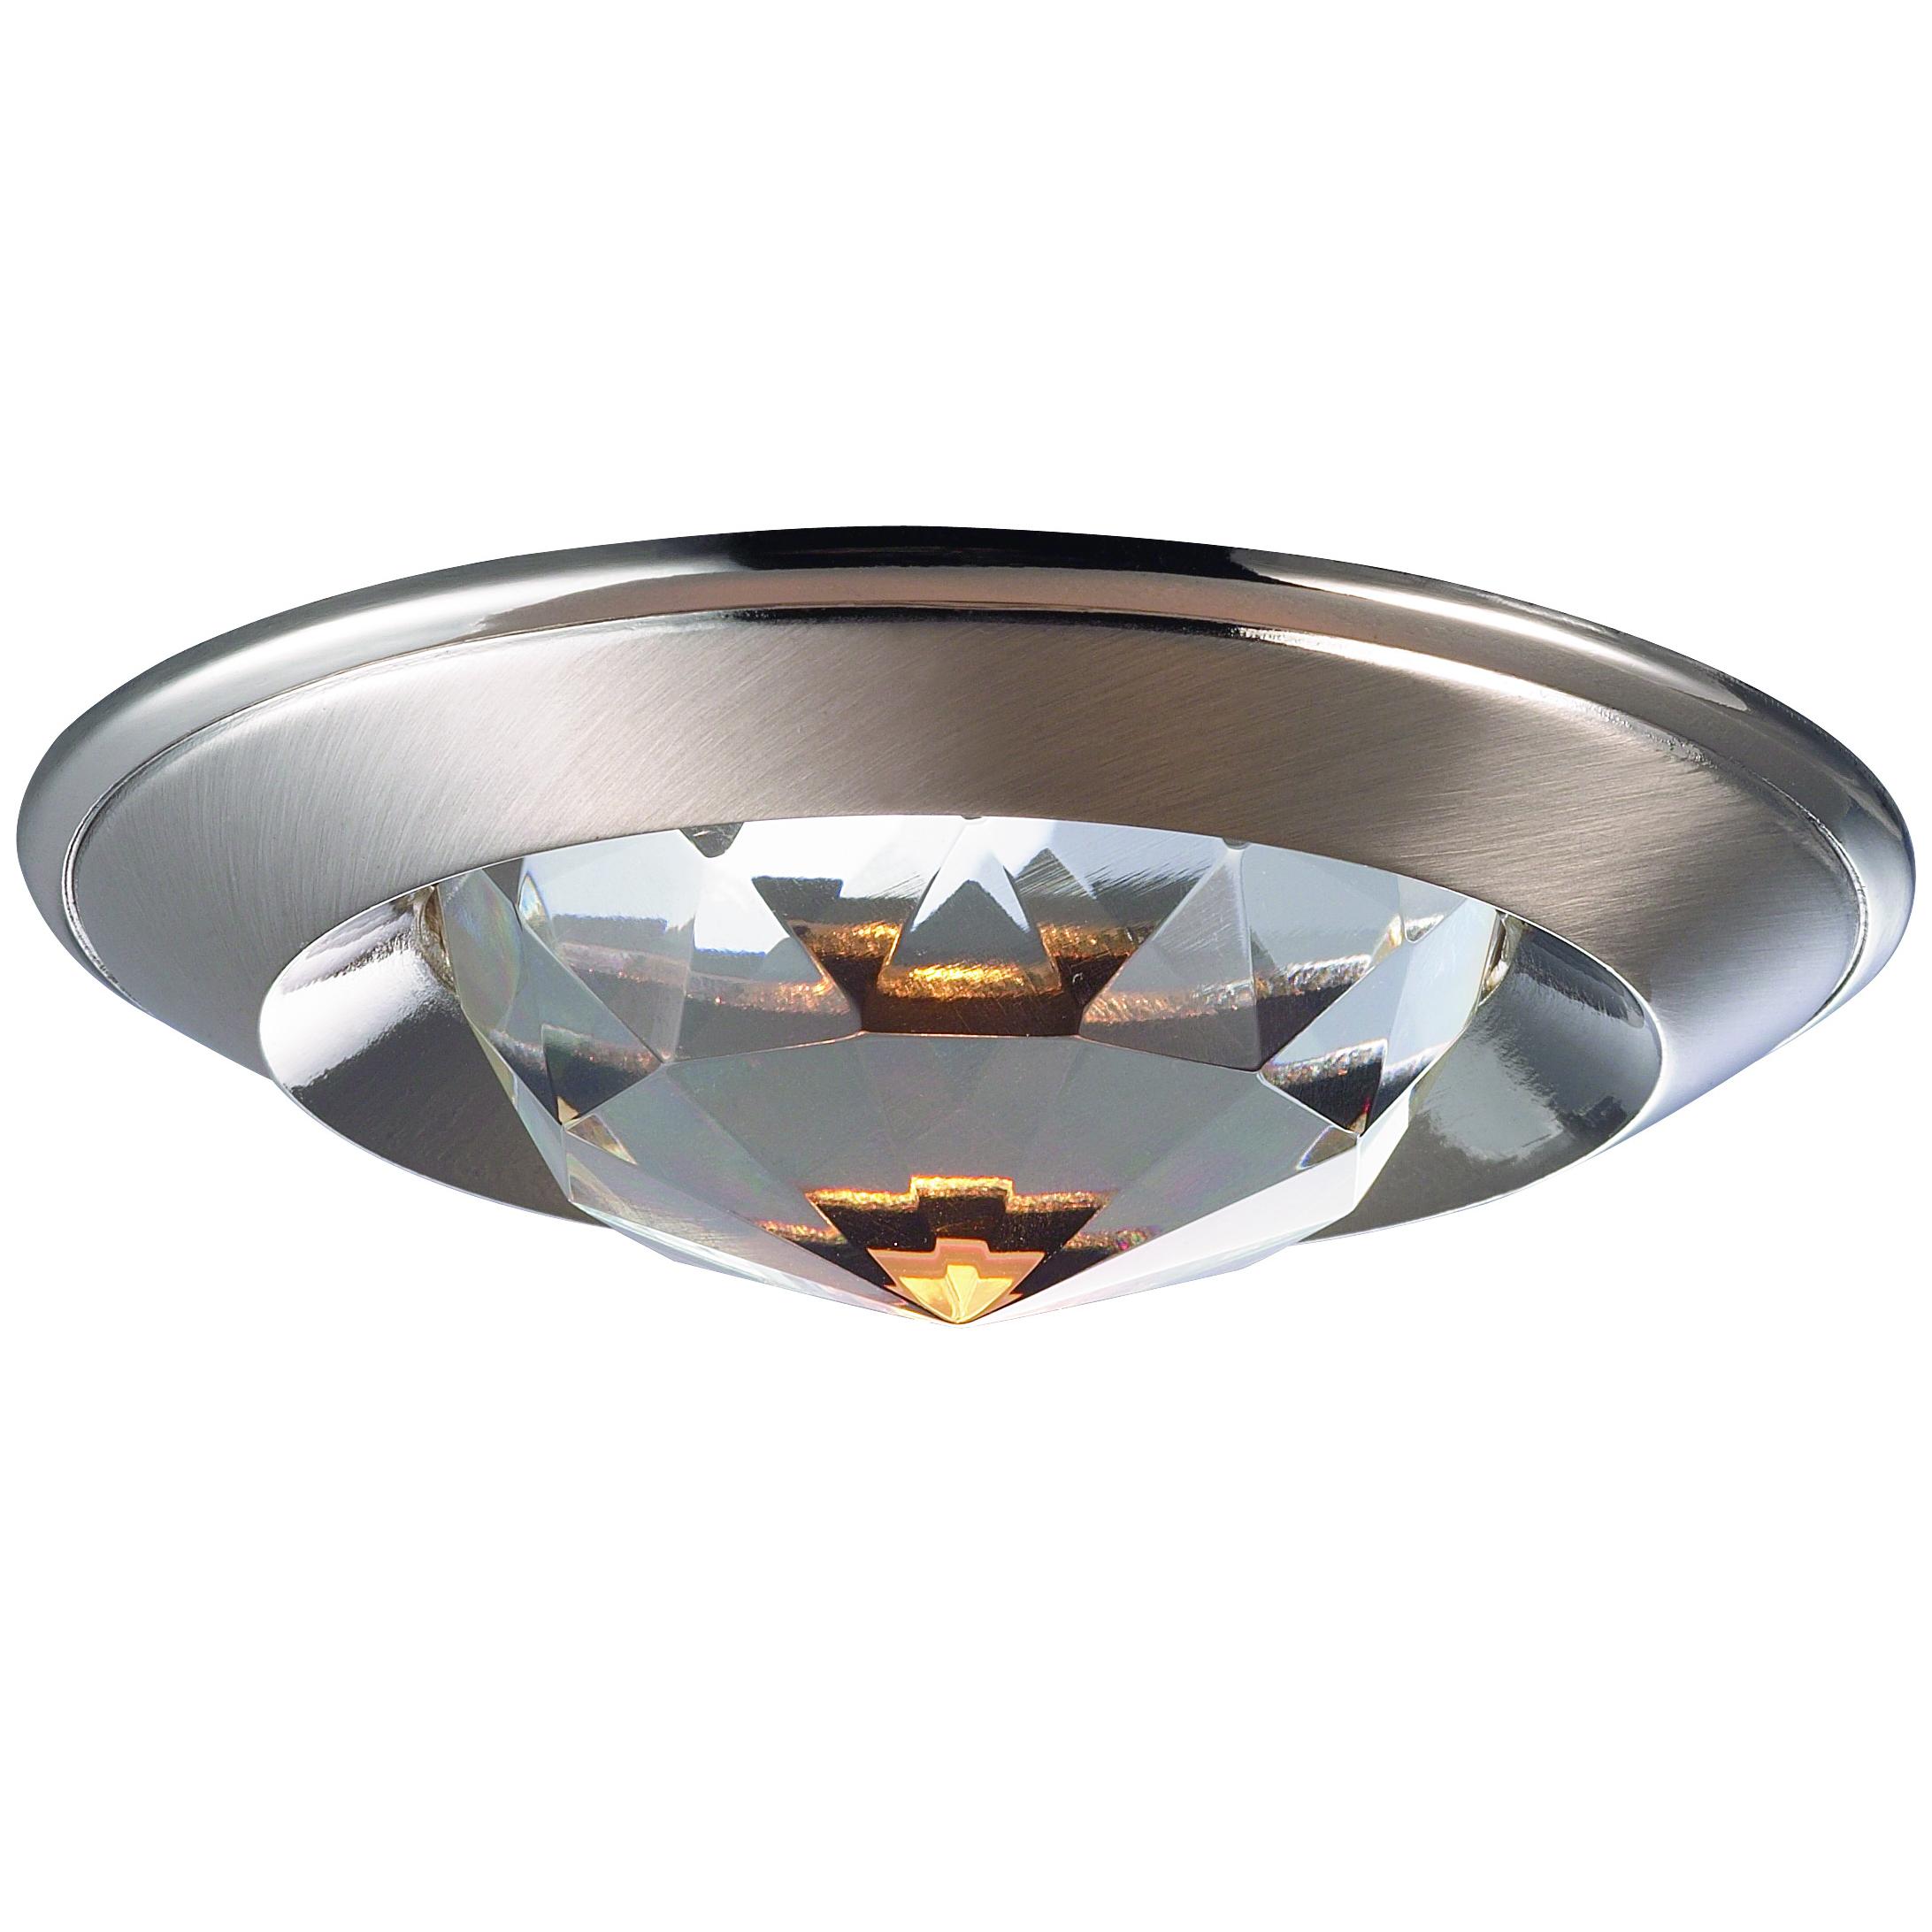 Светильник встраиваемый Novotech Glam nt10 118 369426 glam 369426 novotech